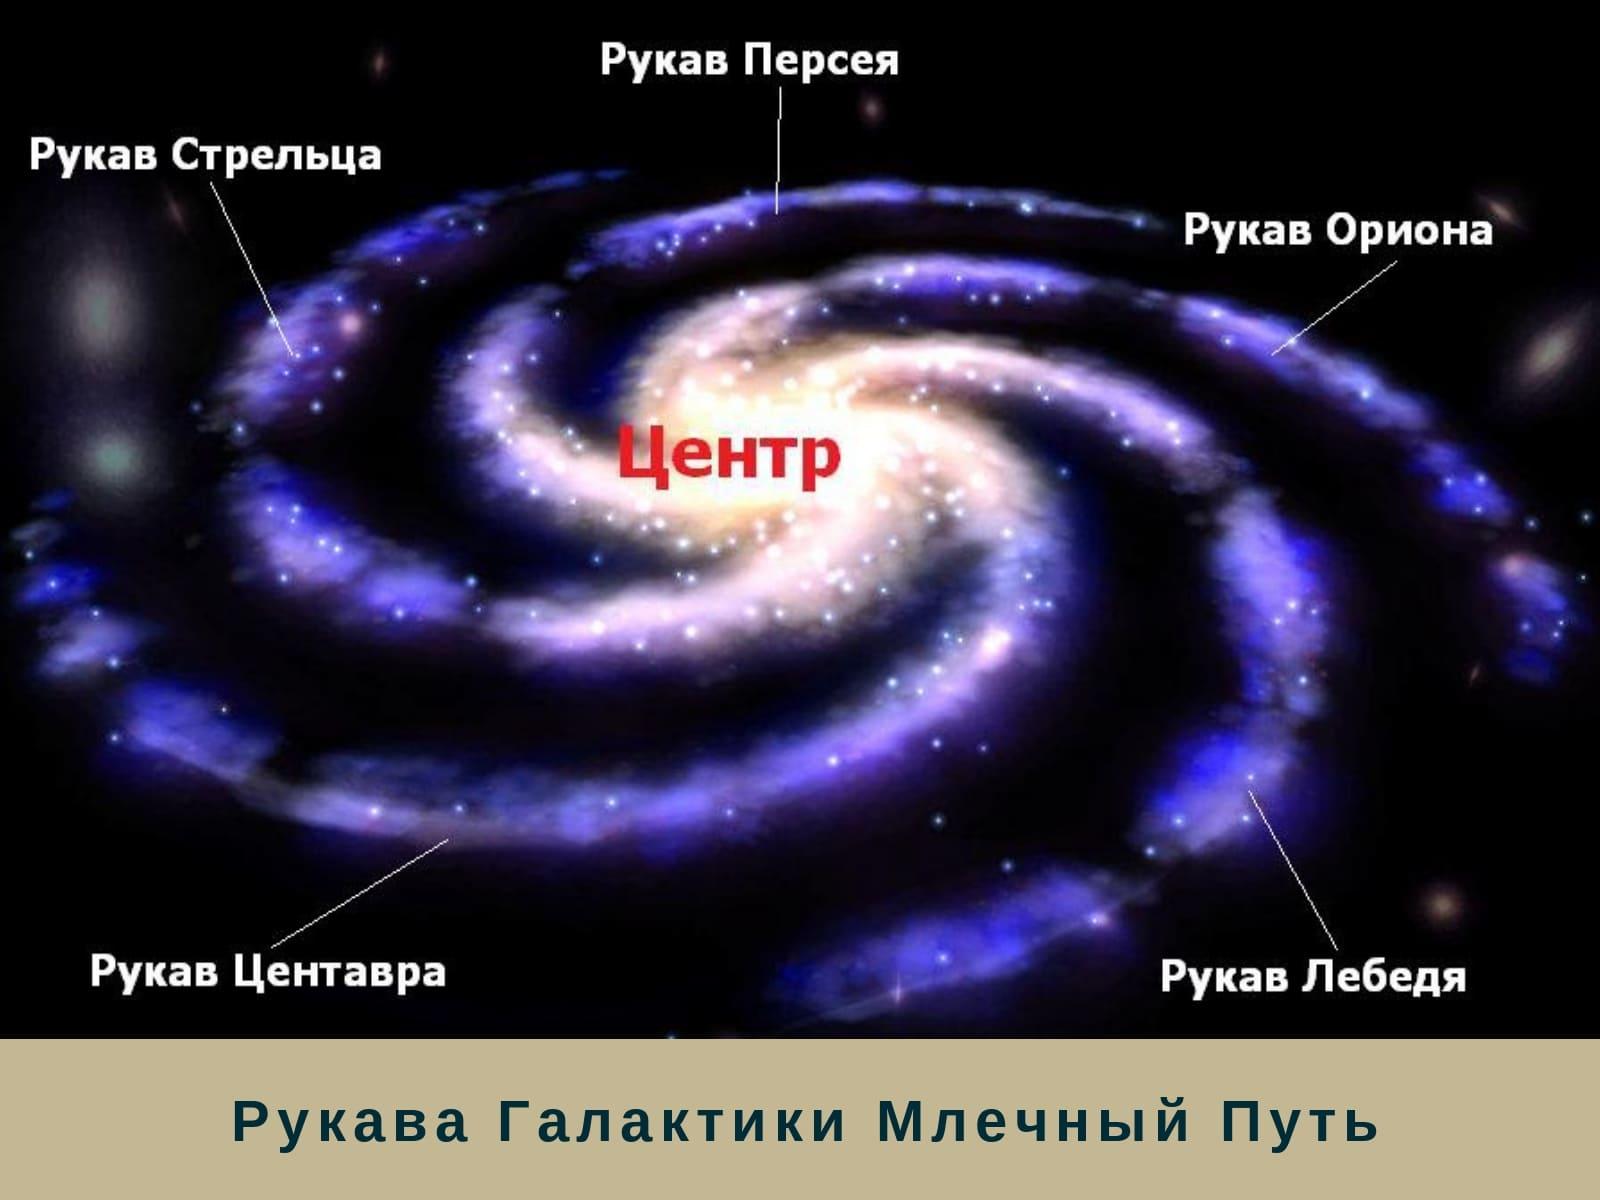 Рукава Галактики Млечный Путь